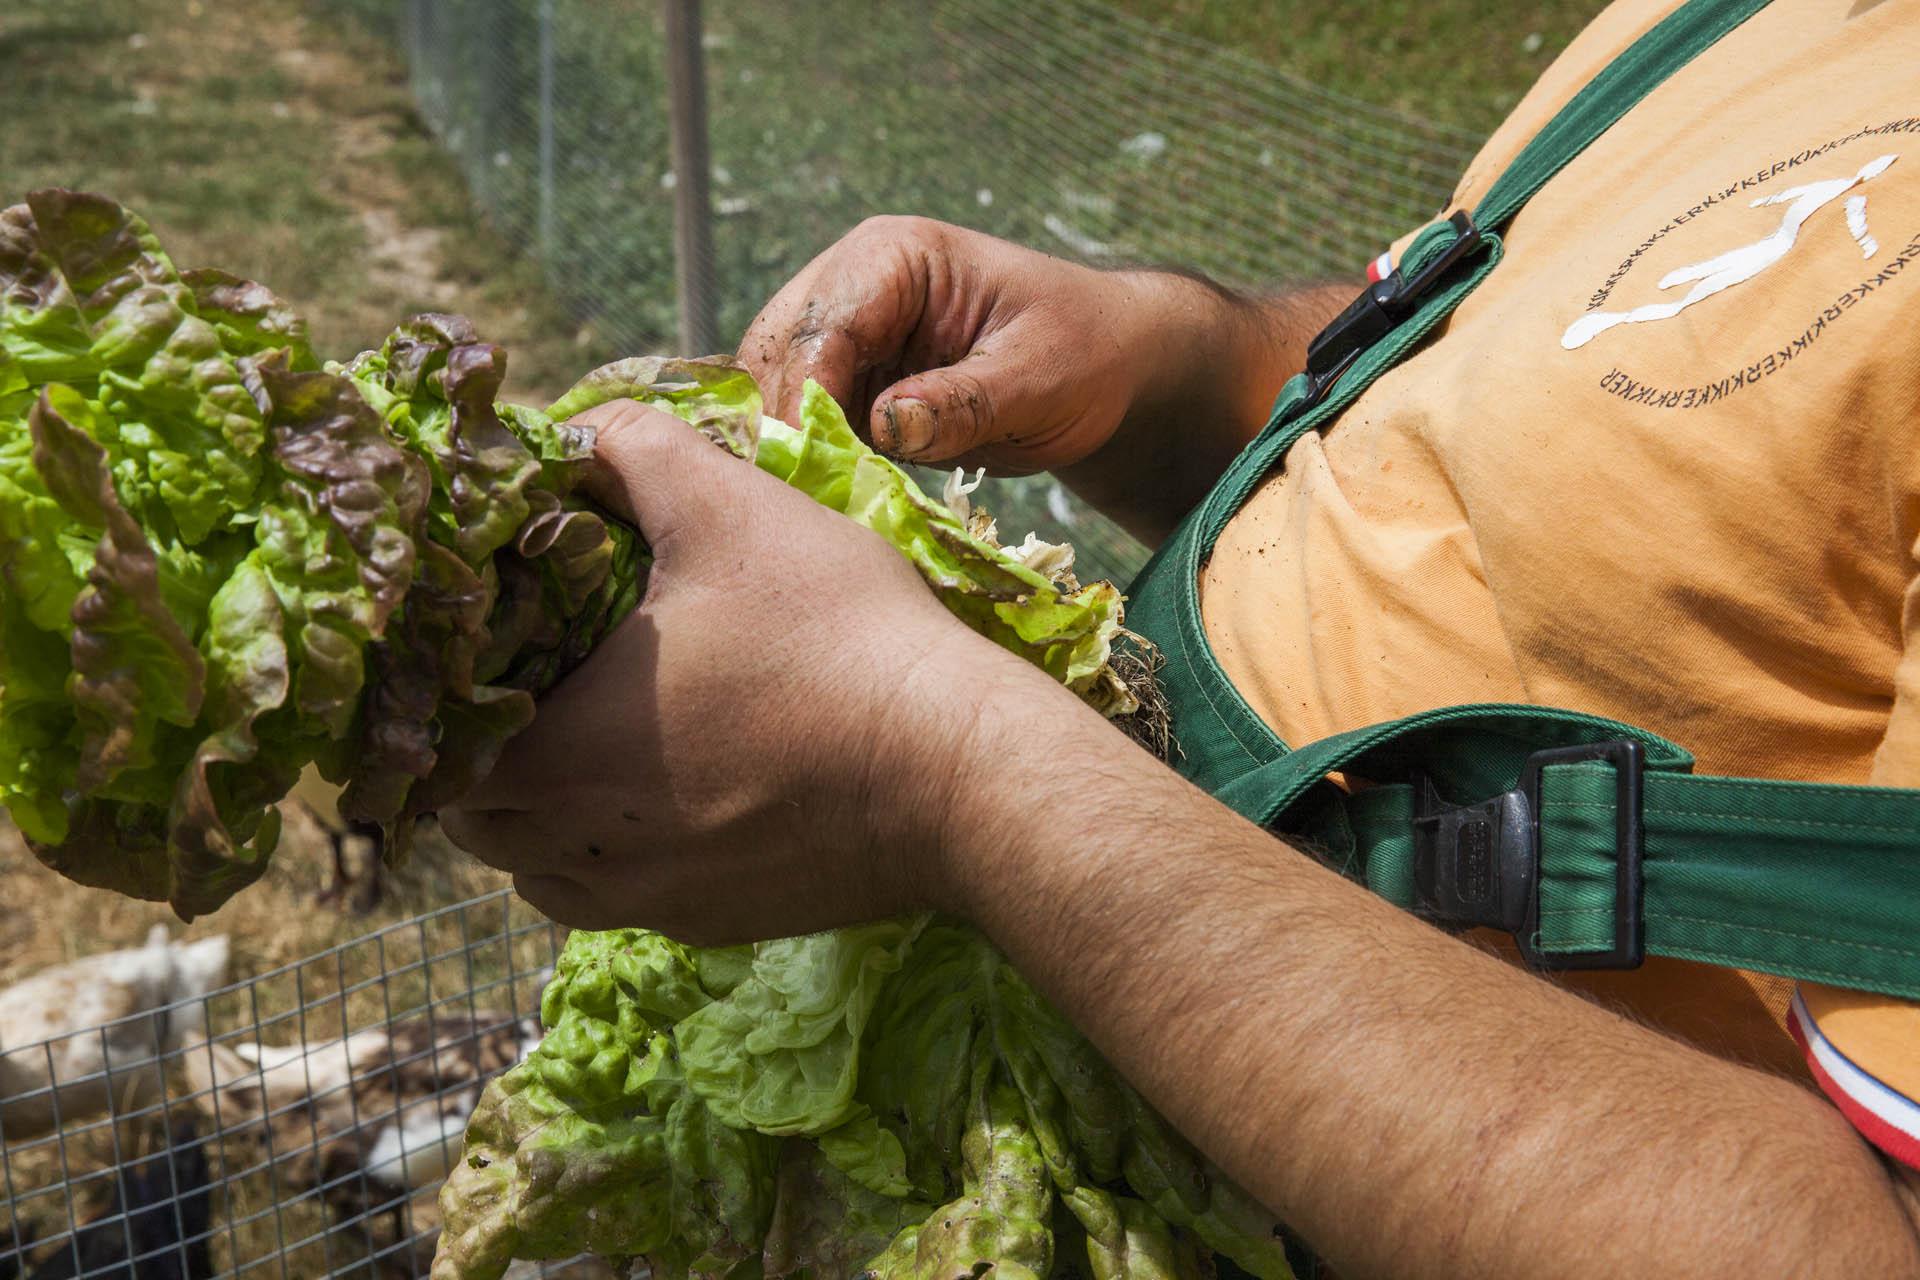 Ein Landwirt hat einen Salat in der Hand. Im Hintergrund sind Hühner zu sehen.